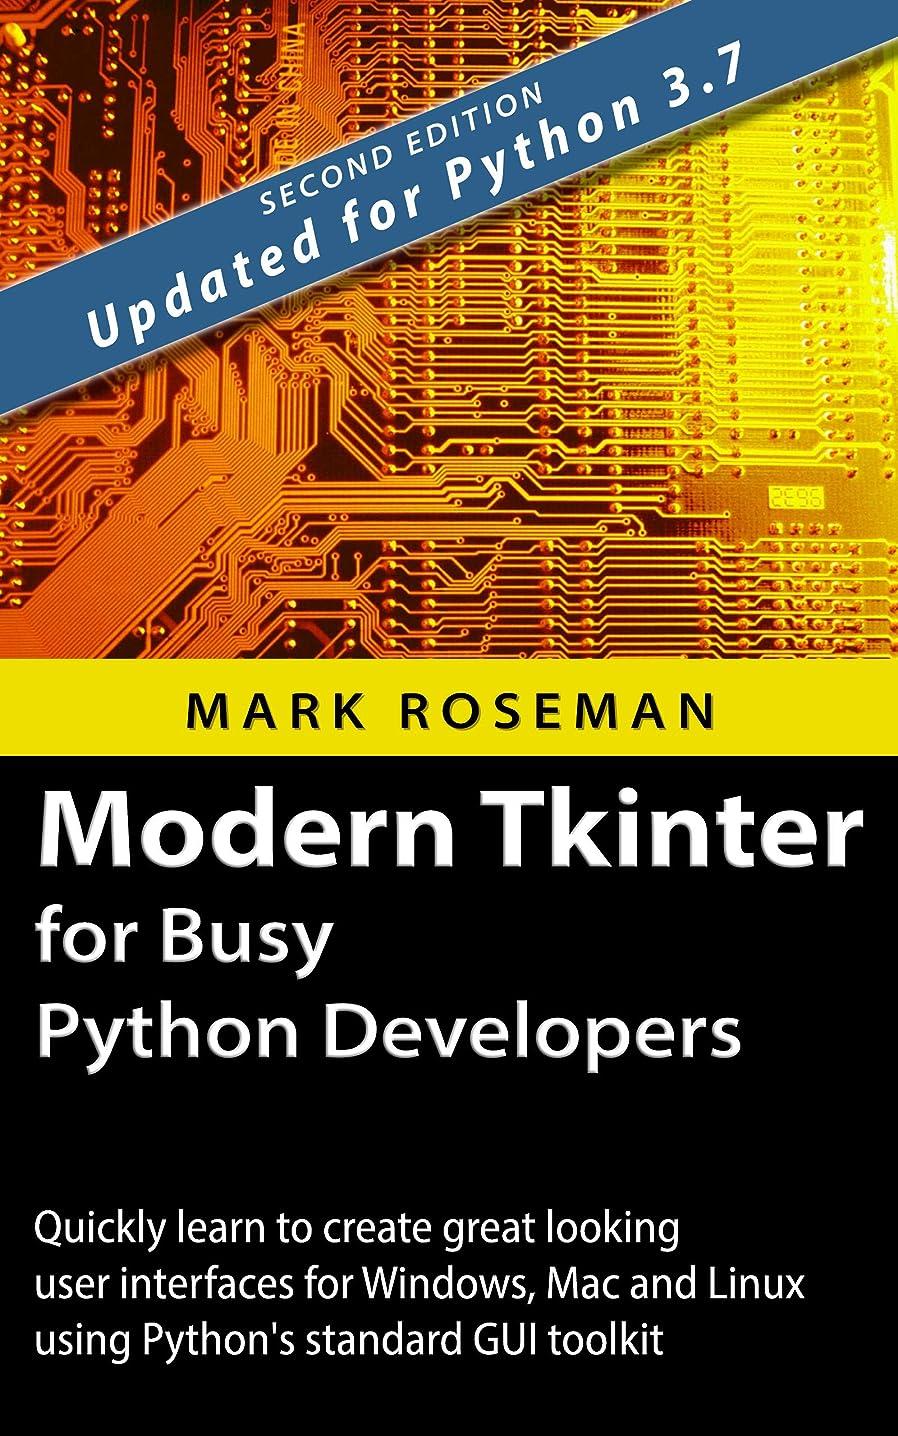 直径光のシャーロットブロンテModern Tkinter for Busy Python Developers: Quickly learn to create great looking user interfaces for Windows, Mac and Linux using Python's standard GUI toolkit (English Edition)